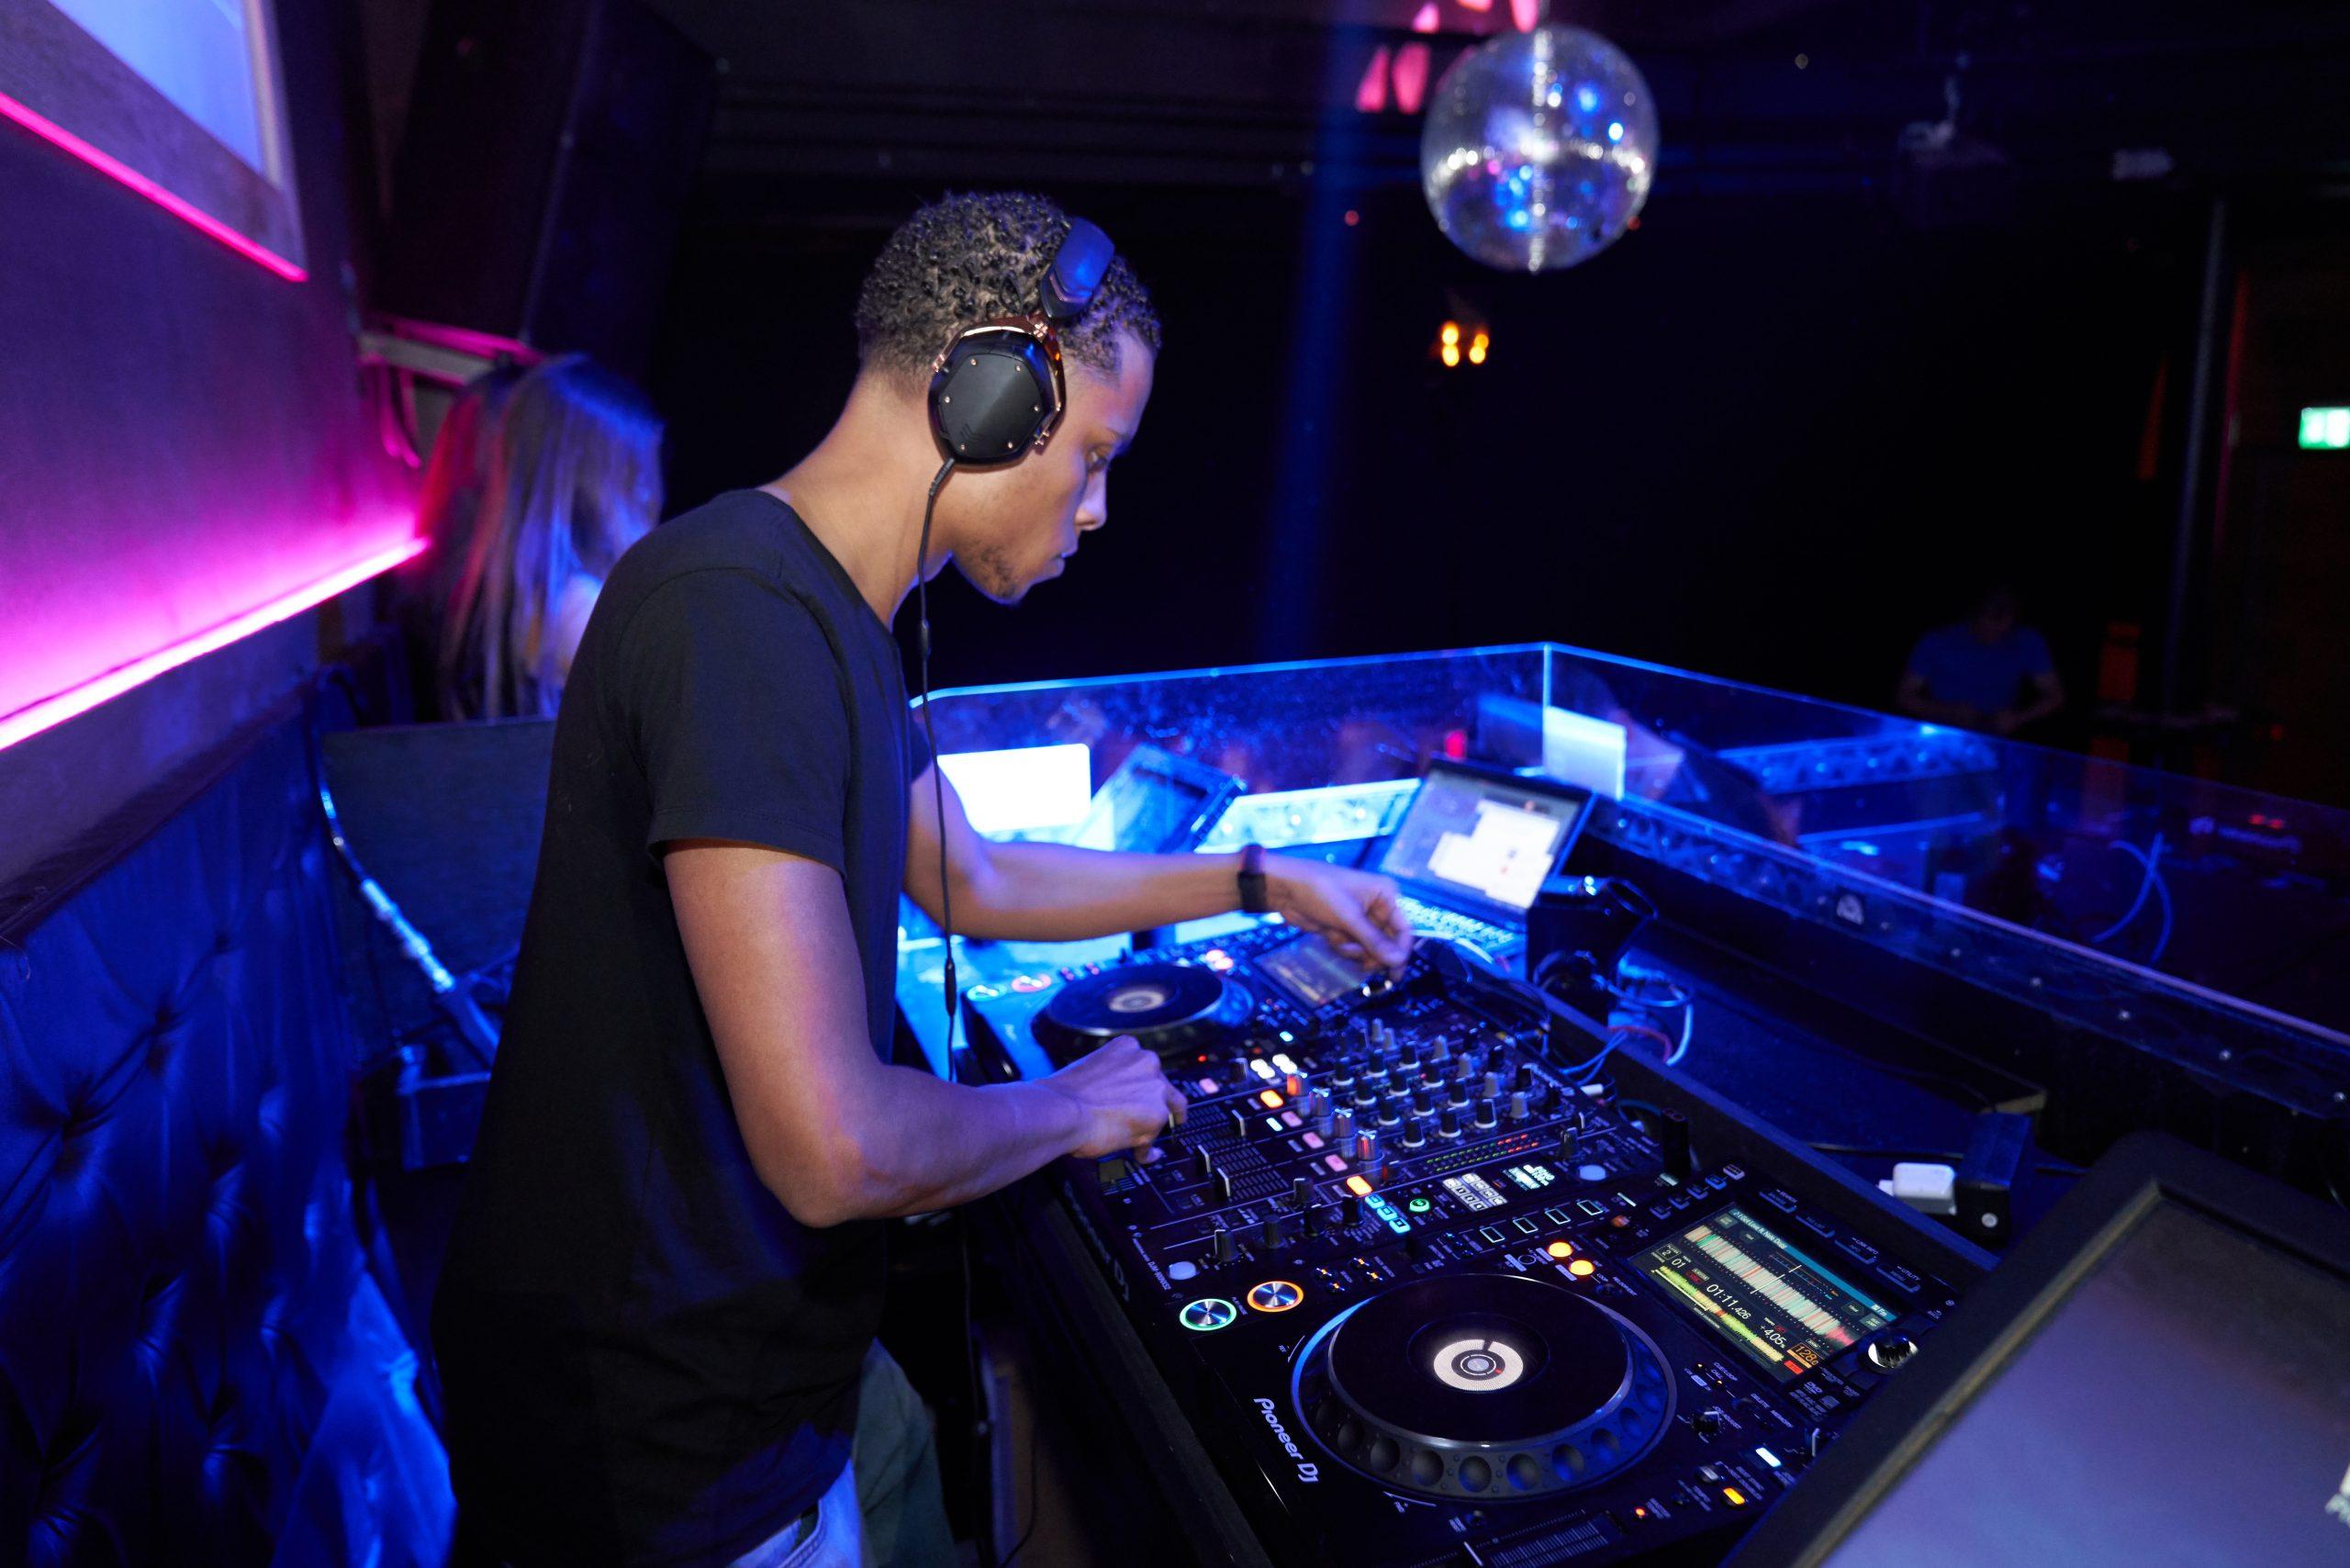 Man wearing black crew neck shirt playing dj turntable